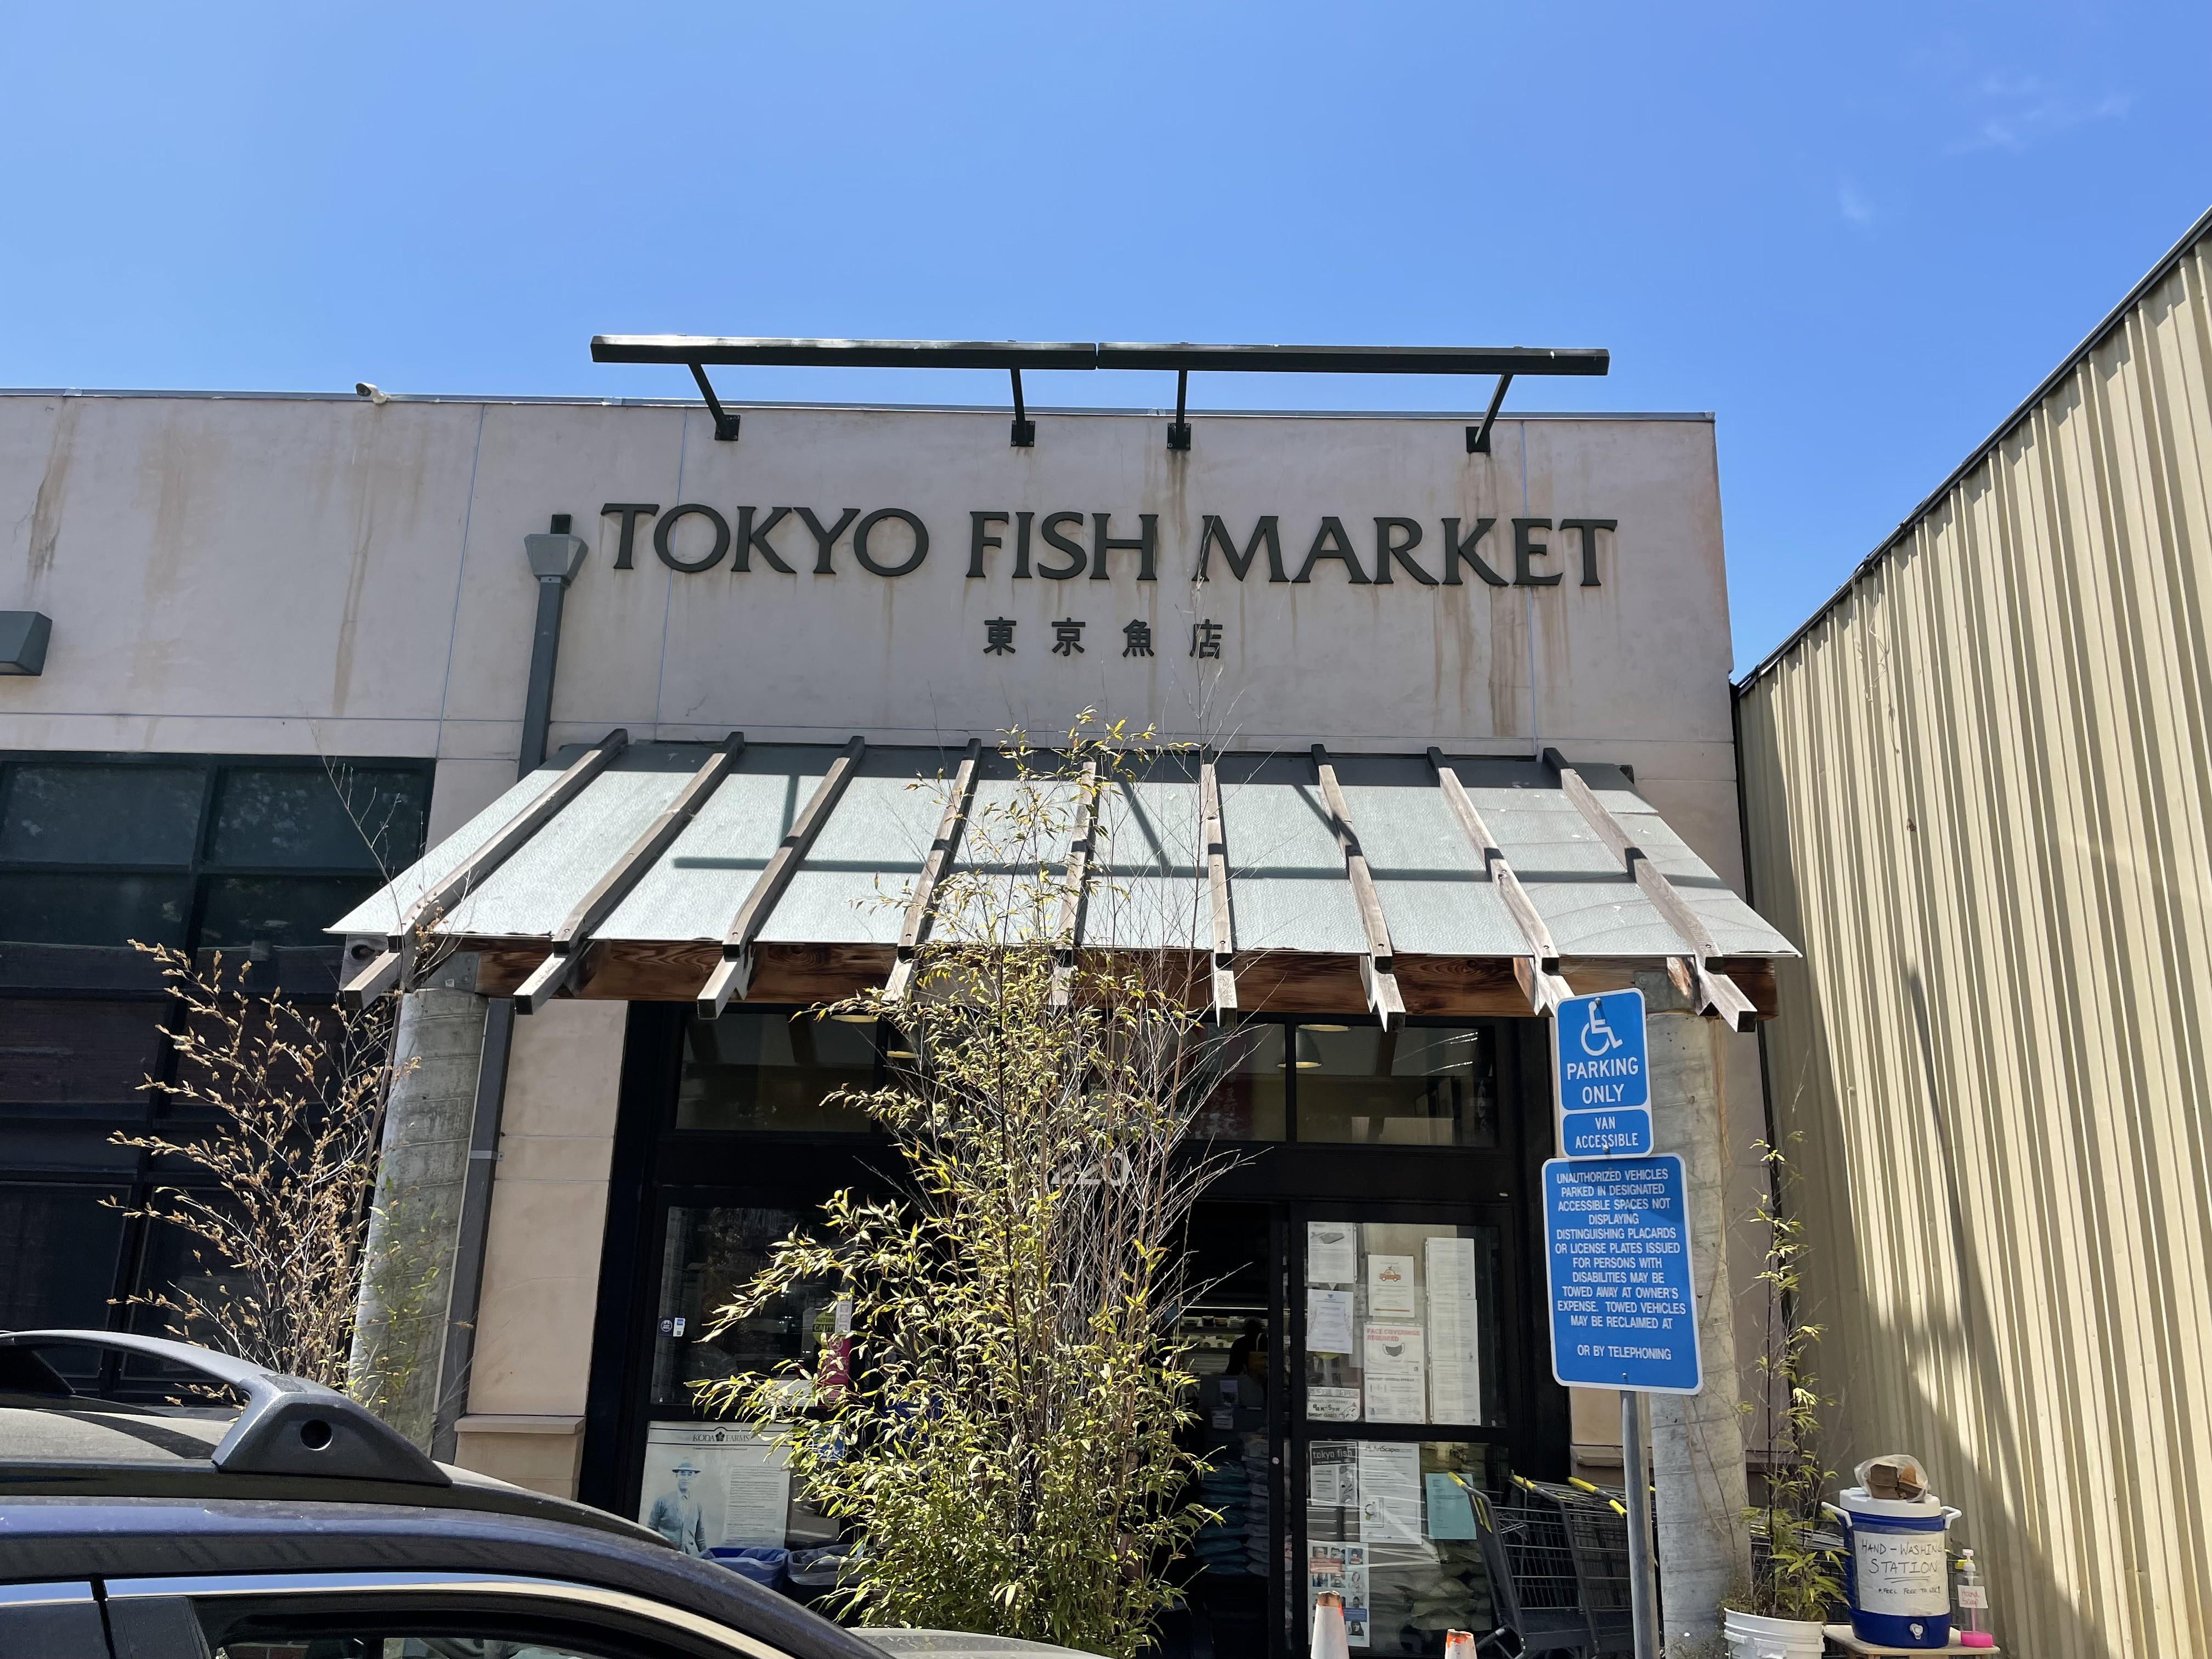 東京魚店 - Tokyo Fish